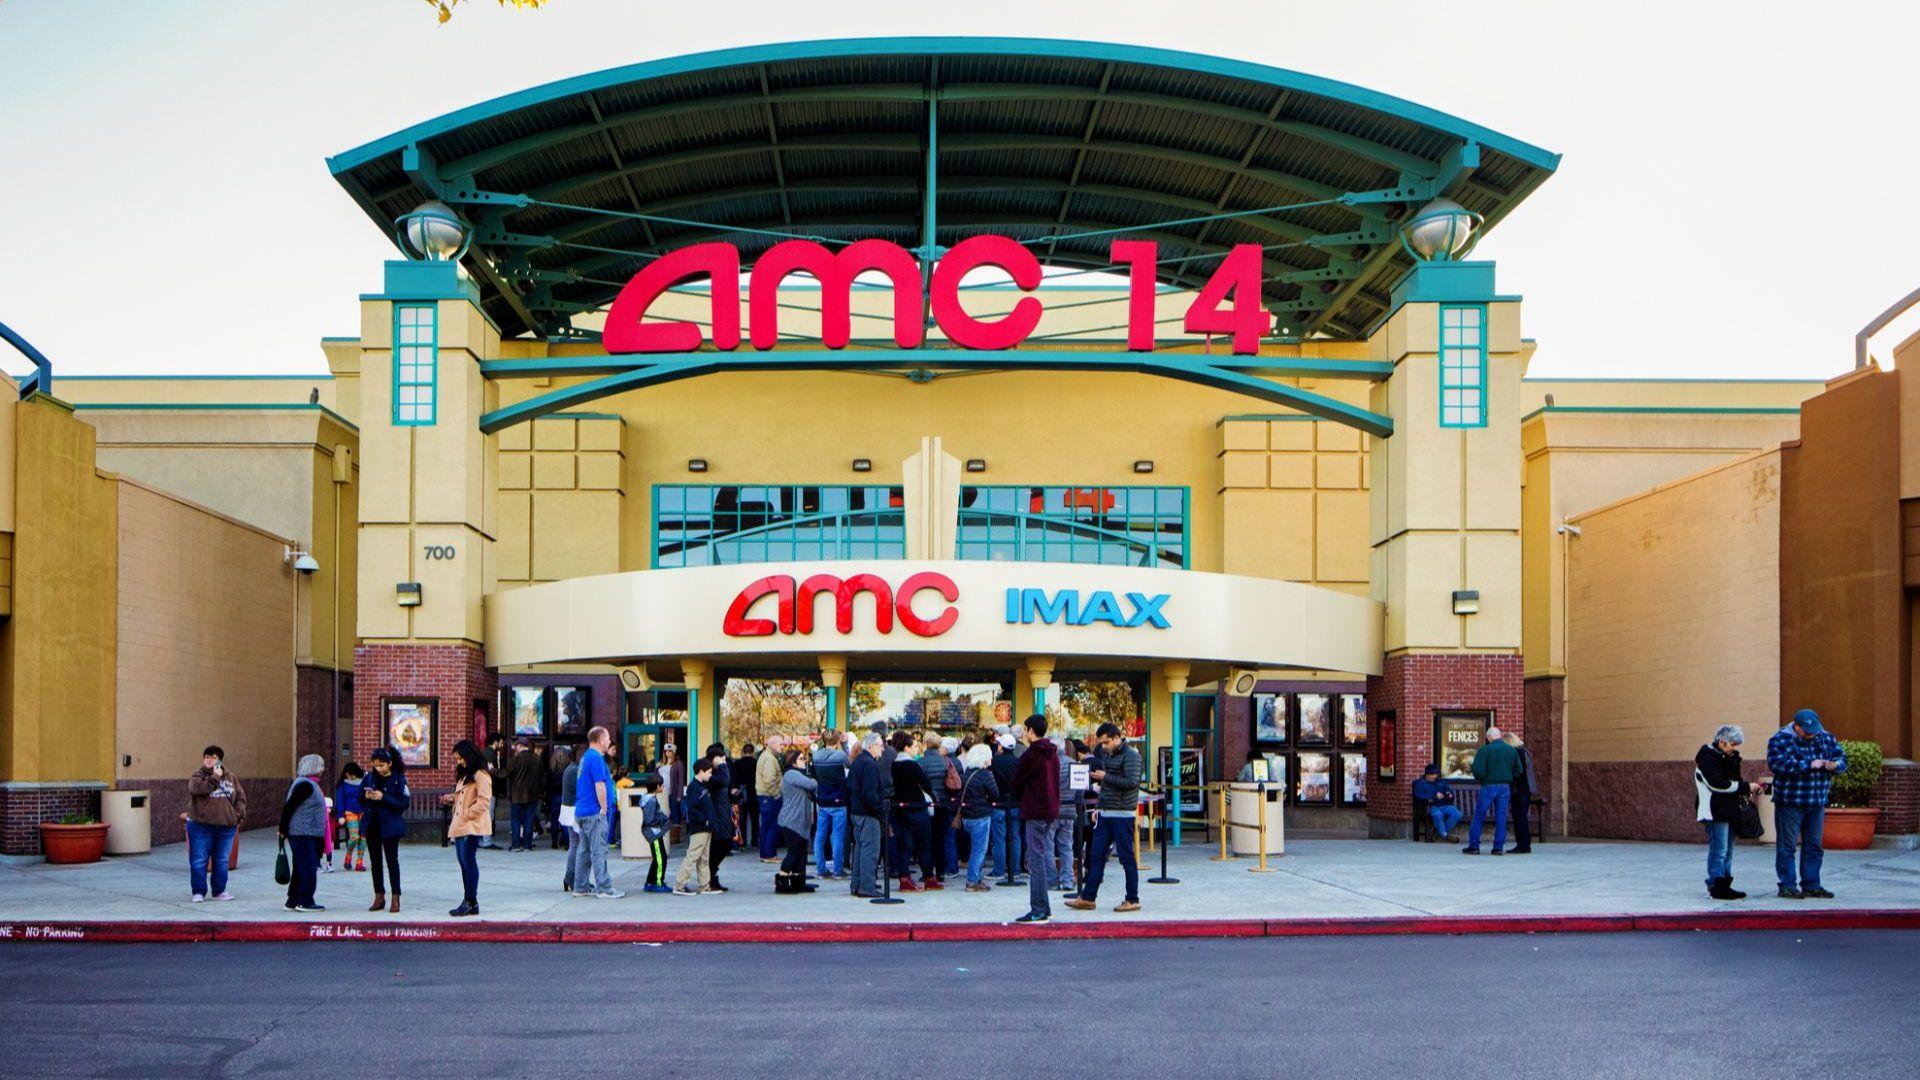 Най-голямата верига киносалони в САЩ обяви война на Universal заради стриймване на анимация